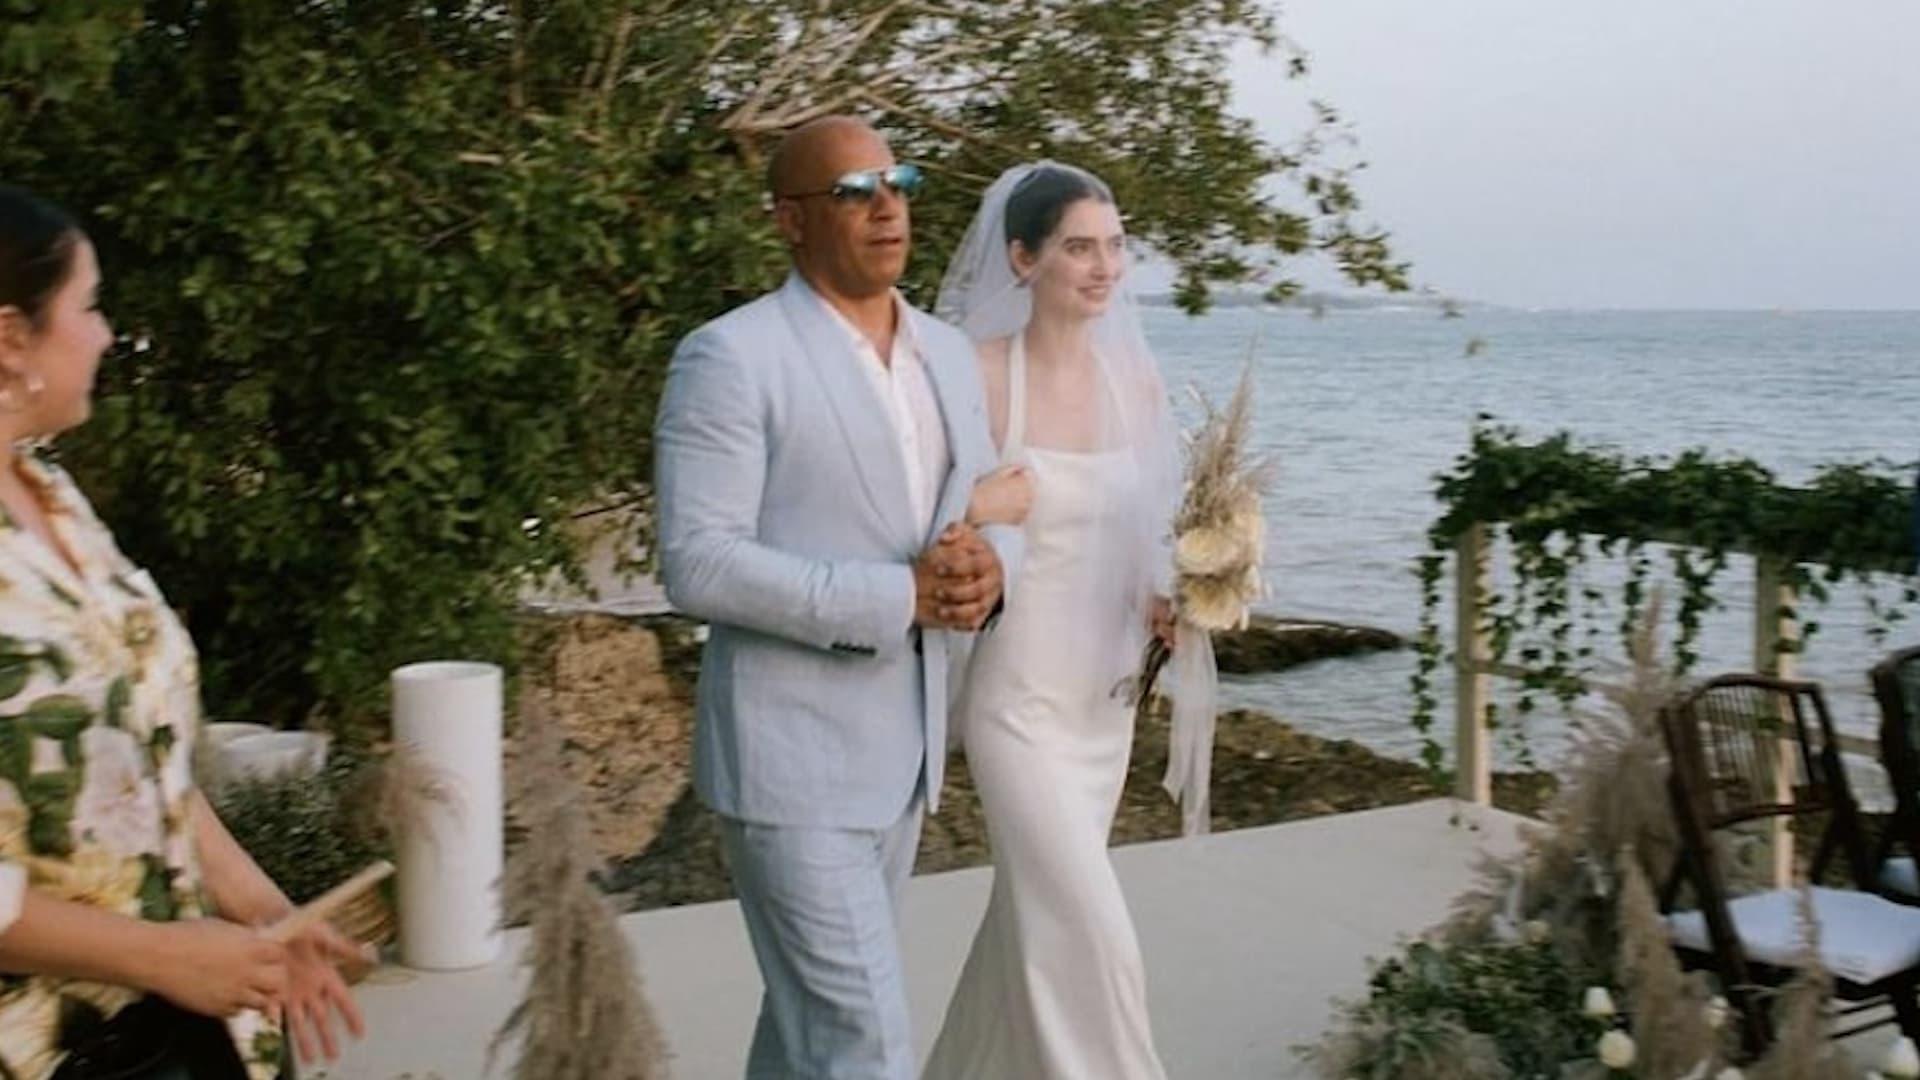 شاهد سير الممثل فان ديزل بجانب ابنة صديقه الراحل بول ووكر في حفل زفافها